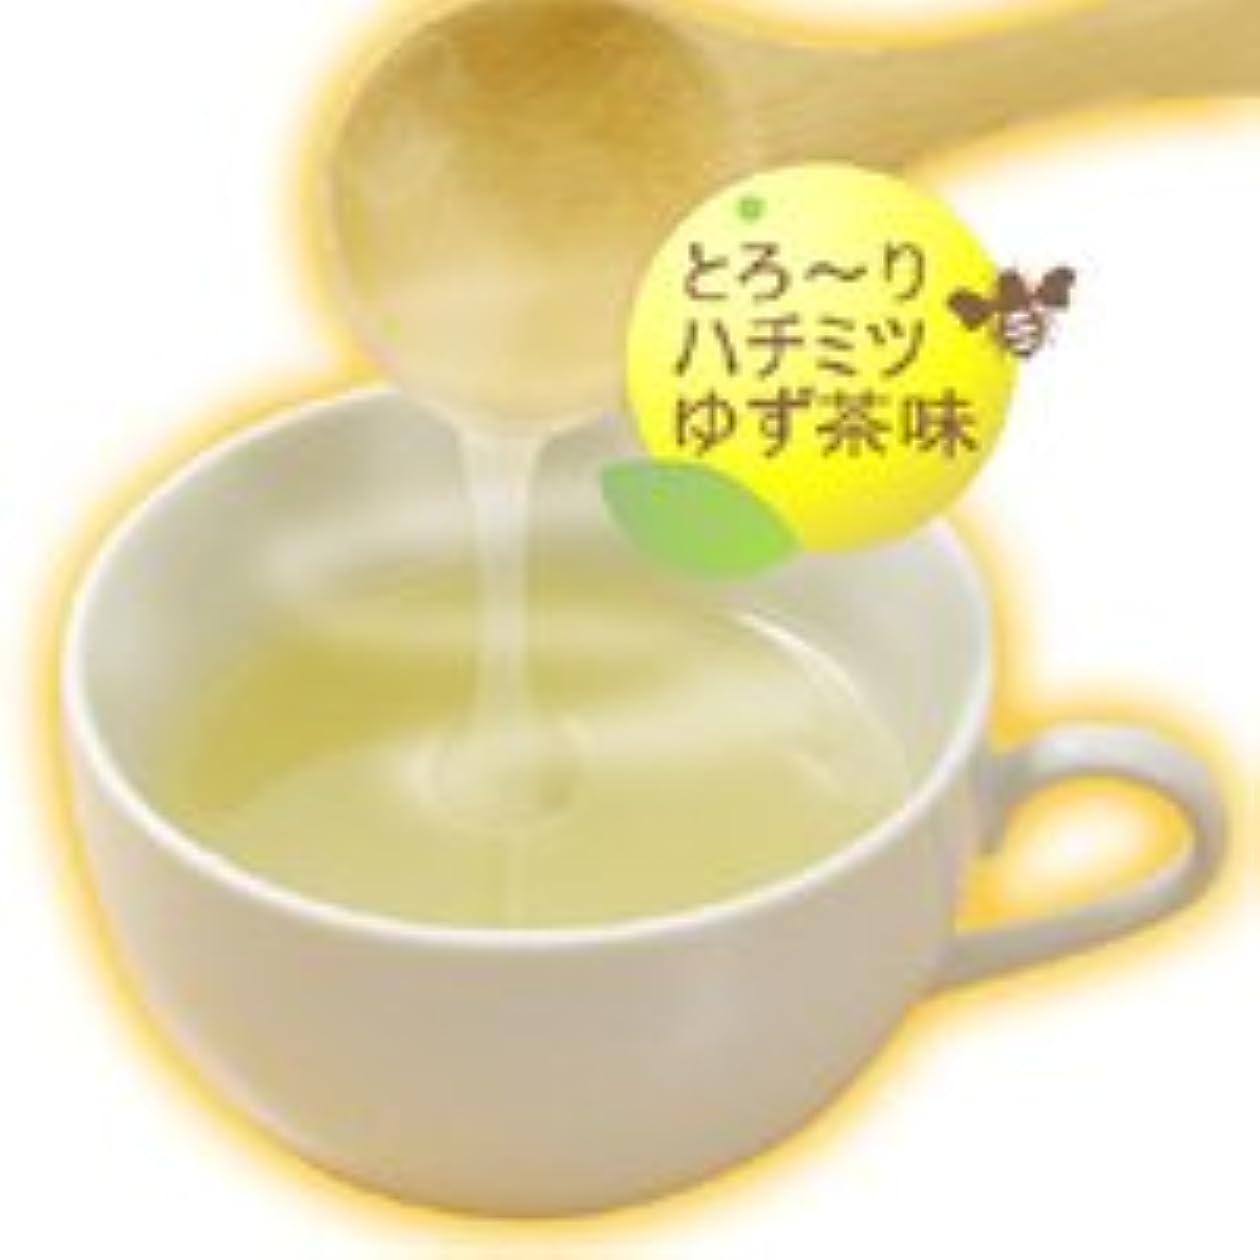 邪魔する水を飲む一次サニースキニー ホットトロミー28包3個セット【寝ながら温めダイエット!】